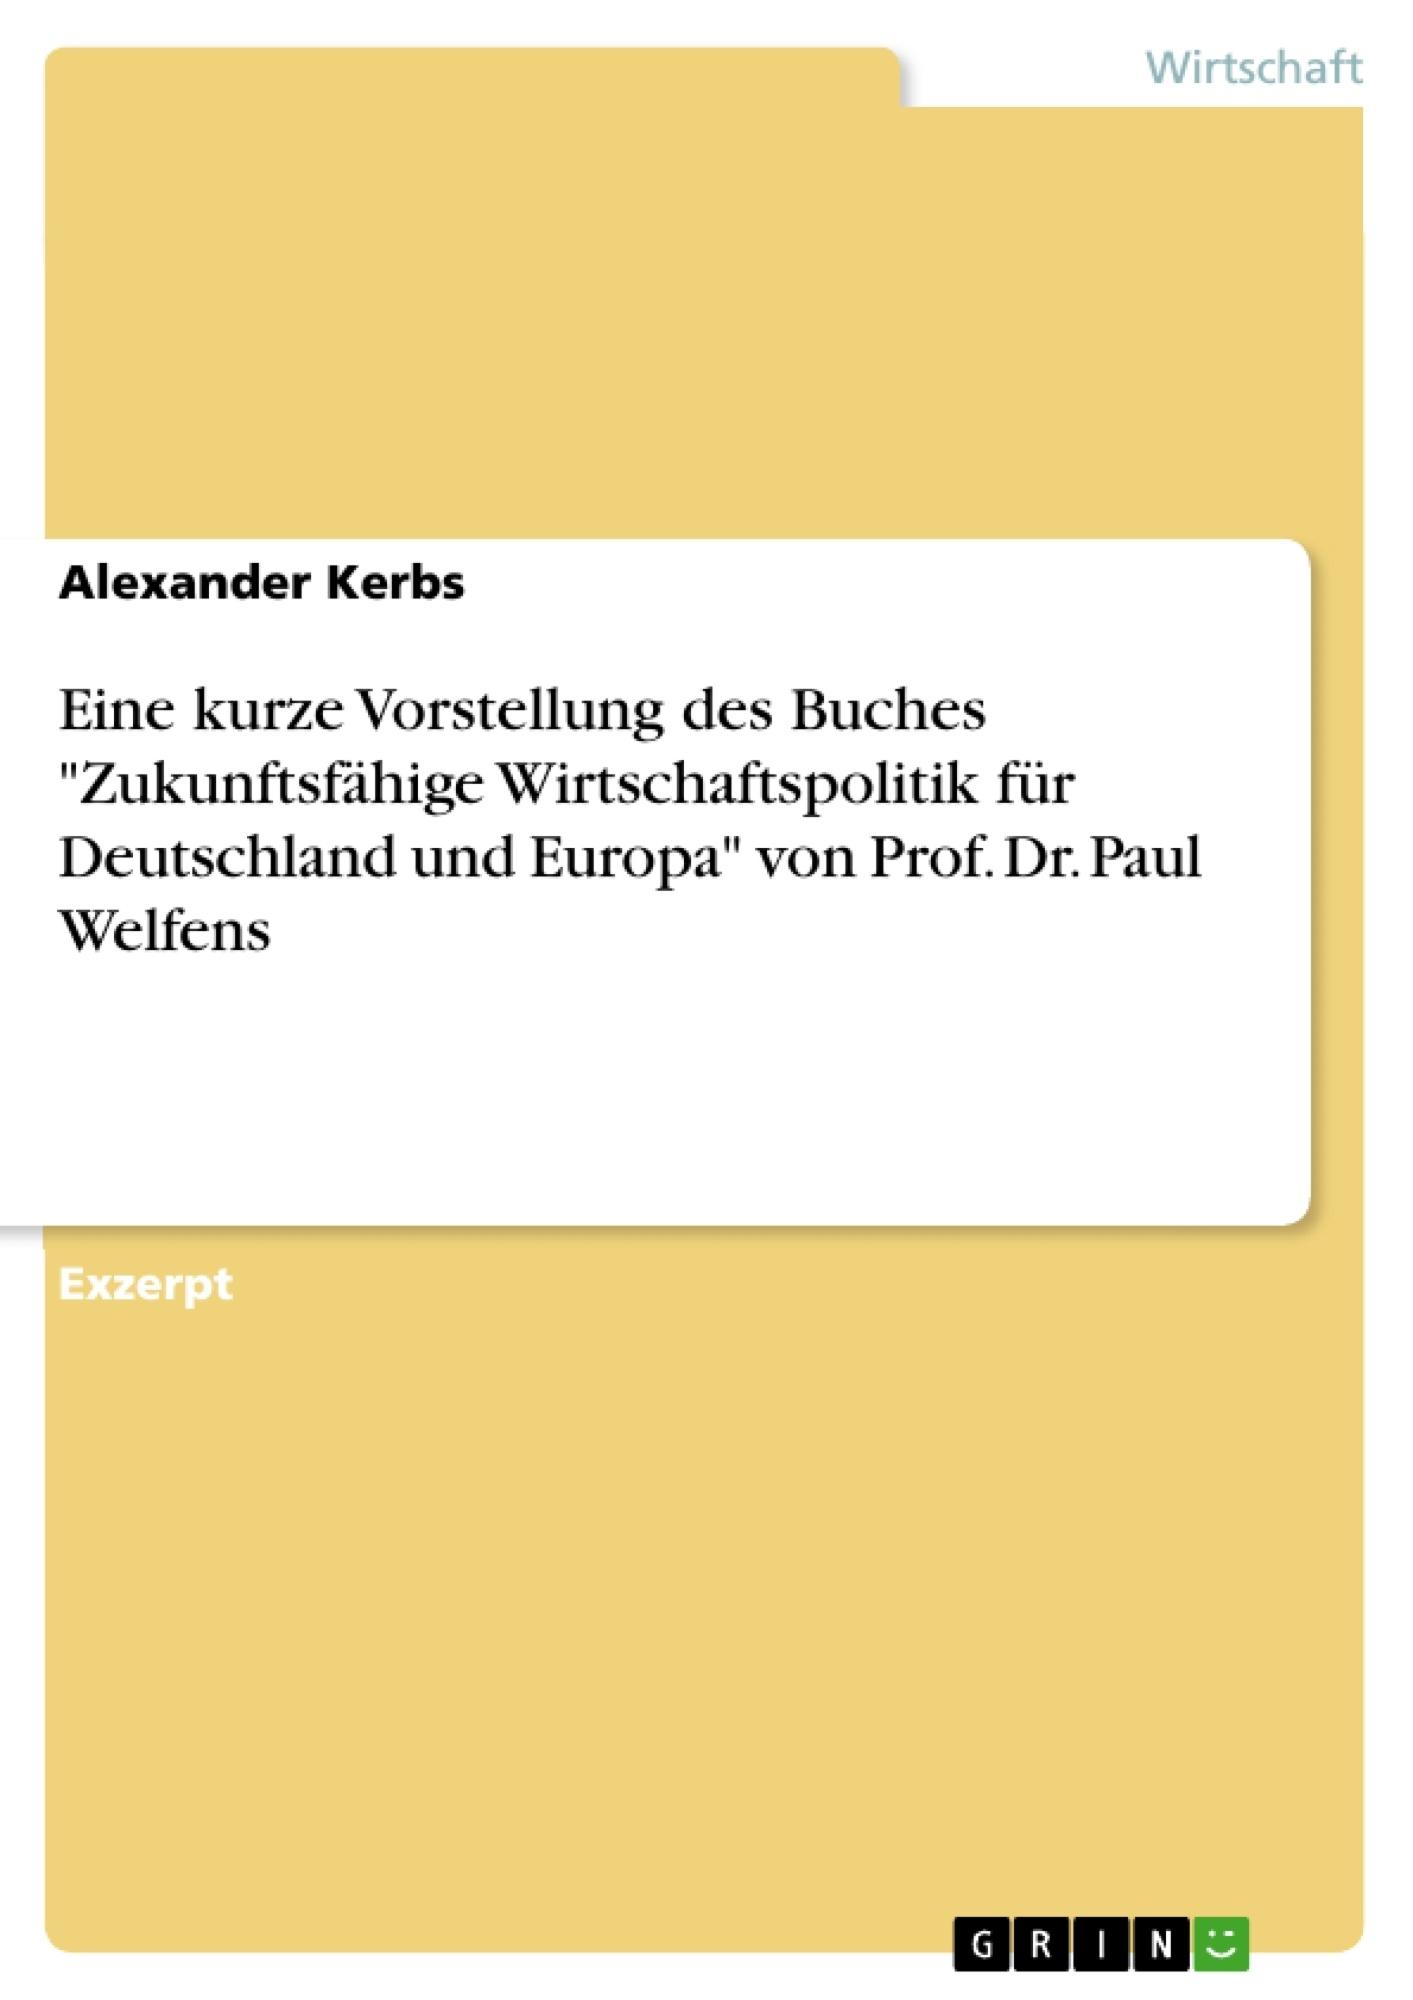 """Titel: Eine kurze Vorstellung des Buches """"Zukunftsfähige Wirtschaftspolitik für Deutschland und Europa"""" von Prof. Dr. Paul Welfens"""